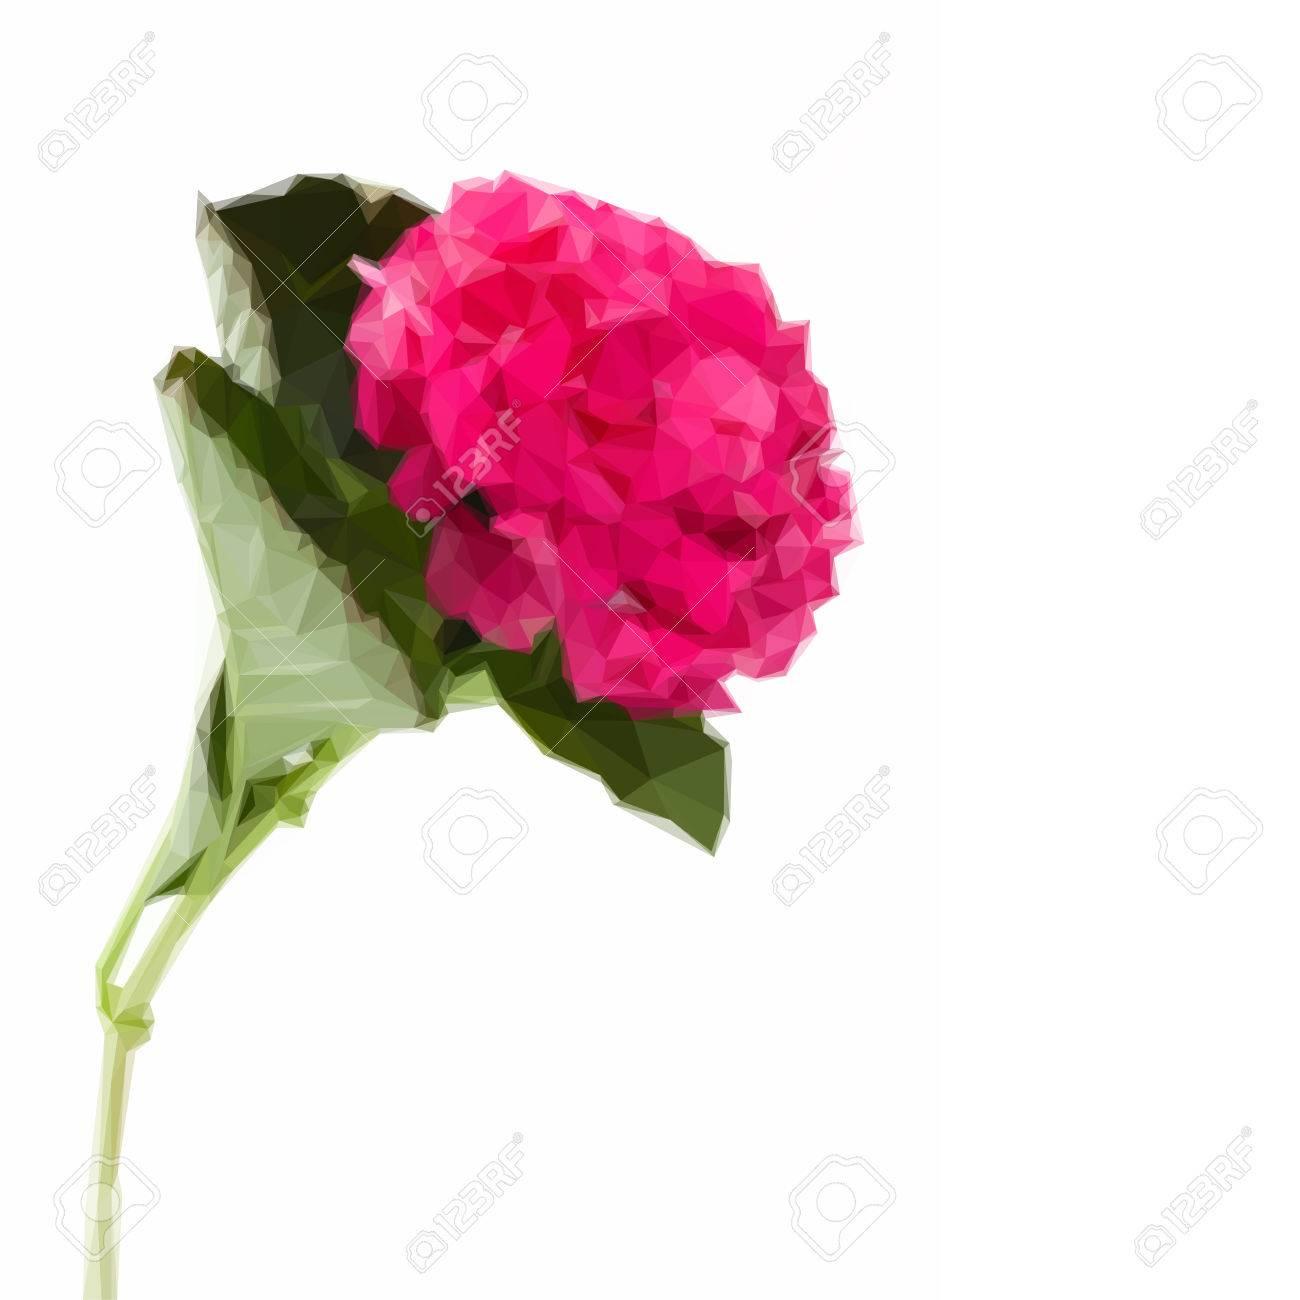 Low poly illustration single pink hortensia flower isolated on white low poly illustration single pink hortensia flower isolated on white background stok fotoraf 57711785 mightylinksfo